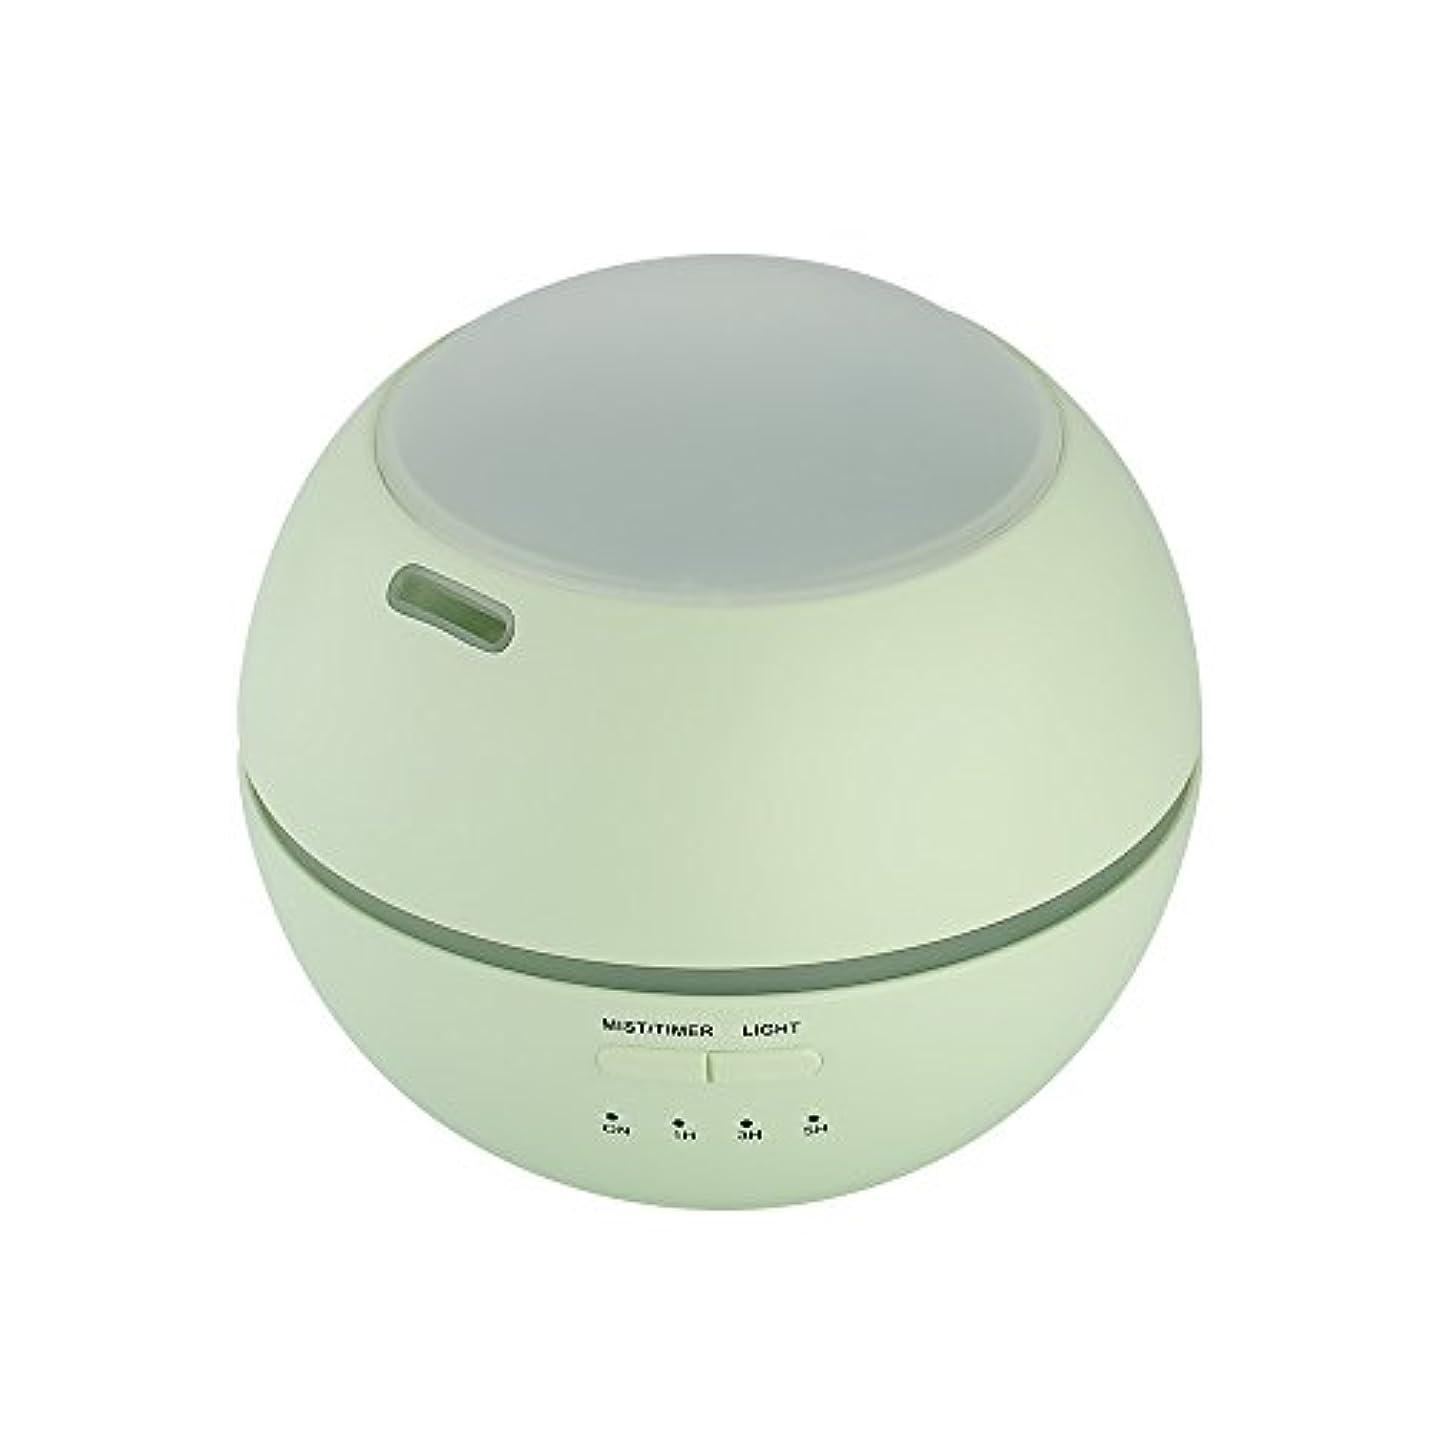 戻る添付花に水をやる超音波式 アロマディフューザー 卓上 加湿器 8色LEDライト変換 超静音 ミス調整可能 時間設定タイマー機能付き 空焚き防止機能搭載 アロマ加湿器 150mL by smartlife (グリーン)